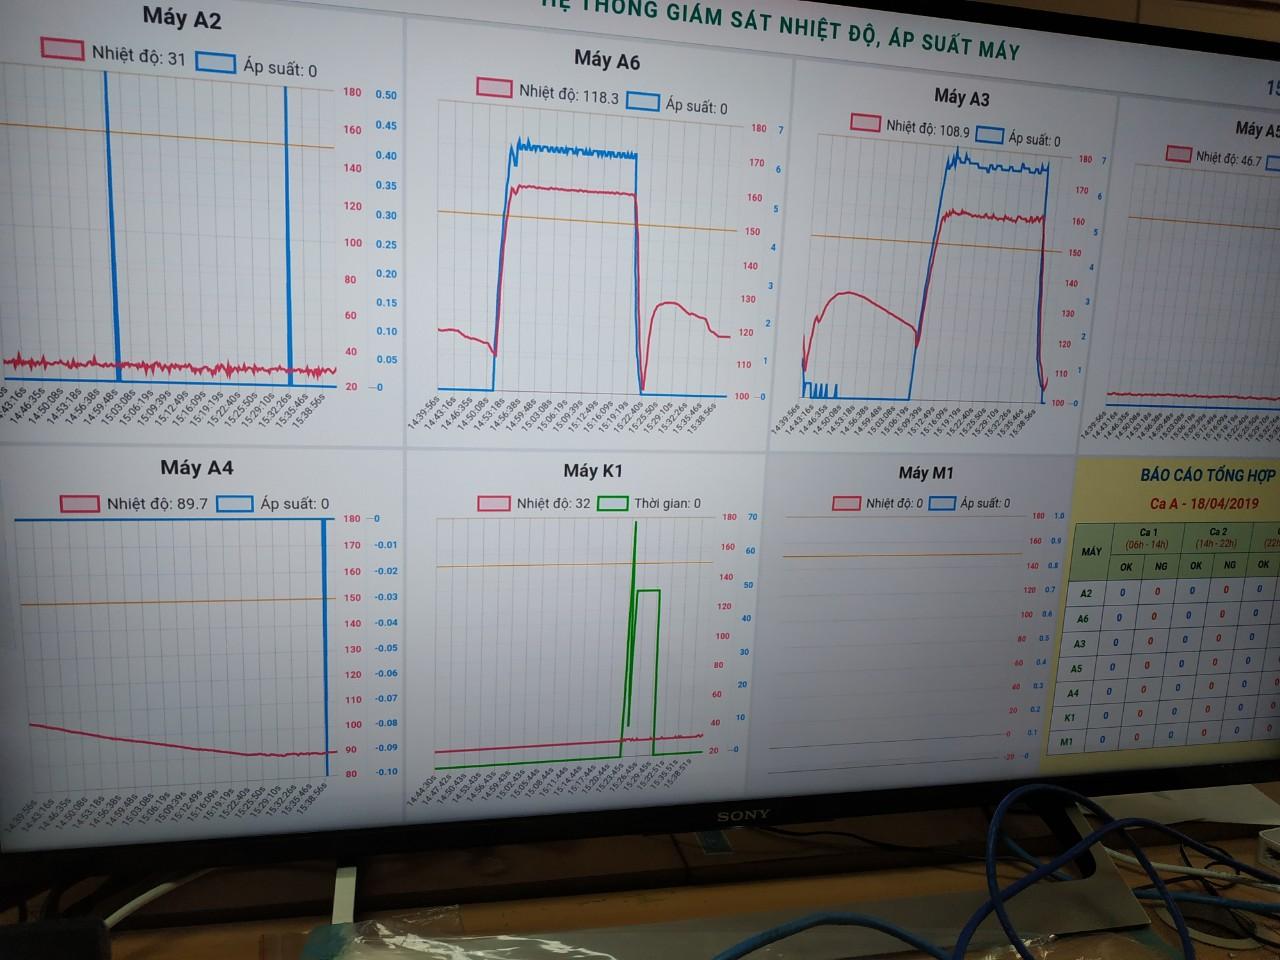 Hệ thống giám sát nhiệt độ và áp suất nhà máy